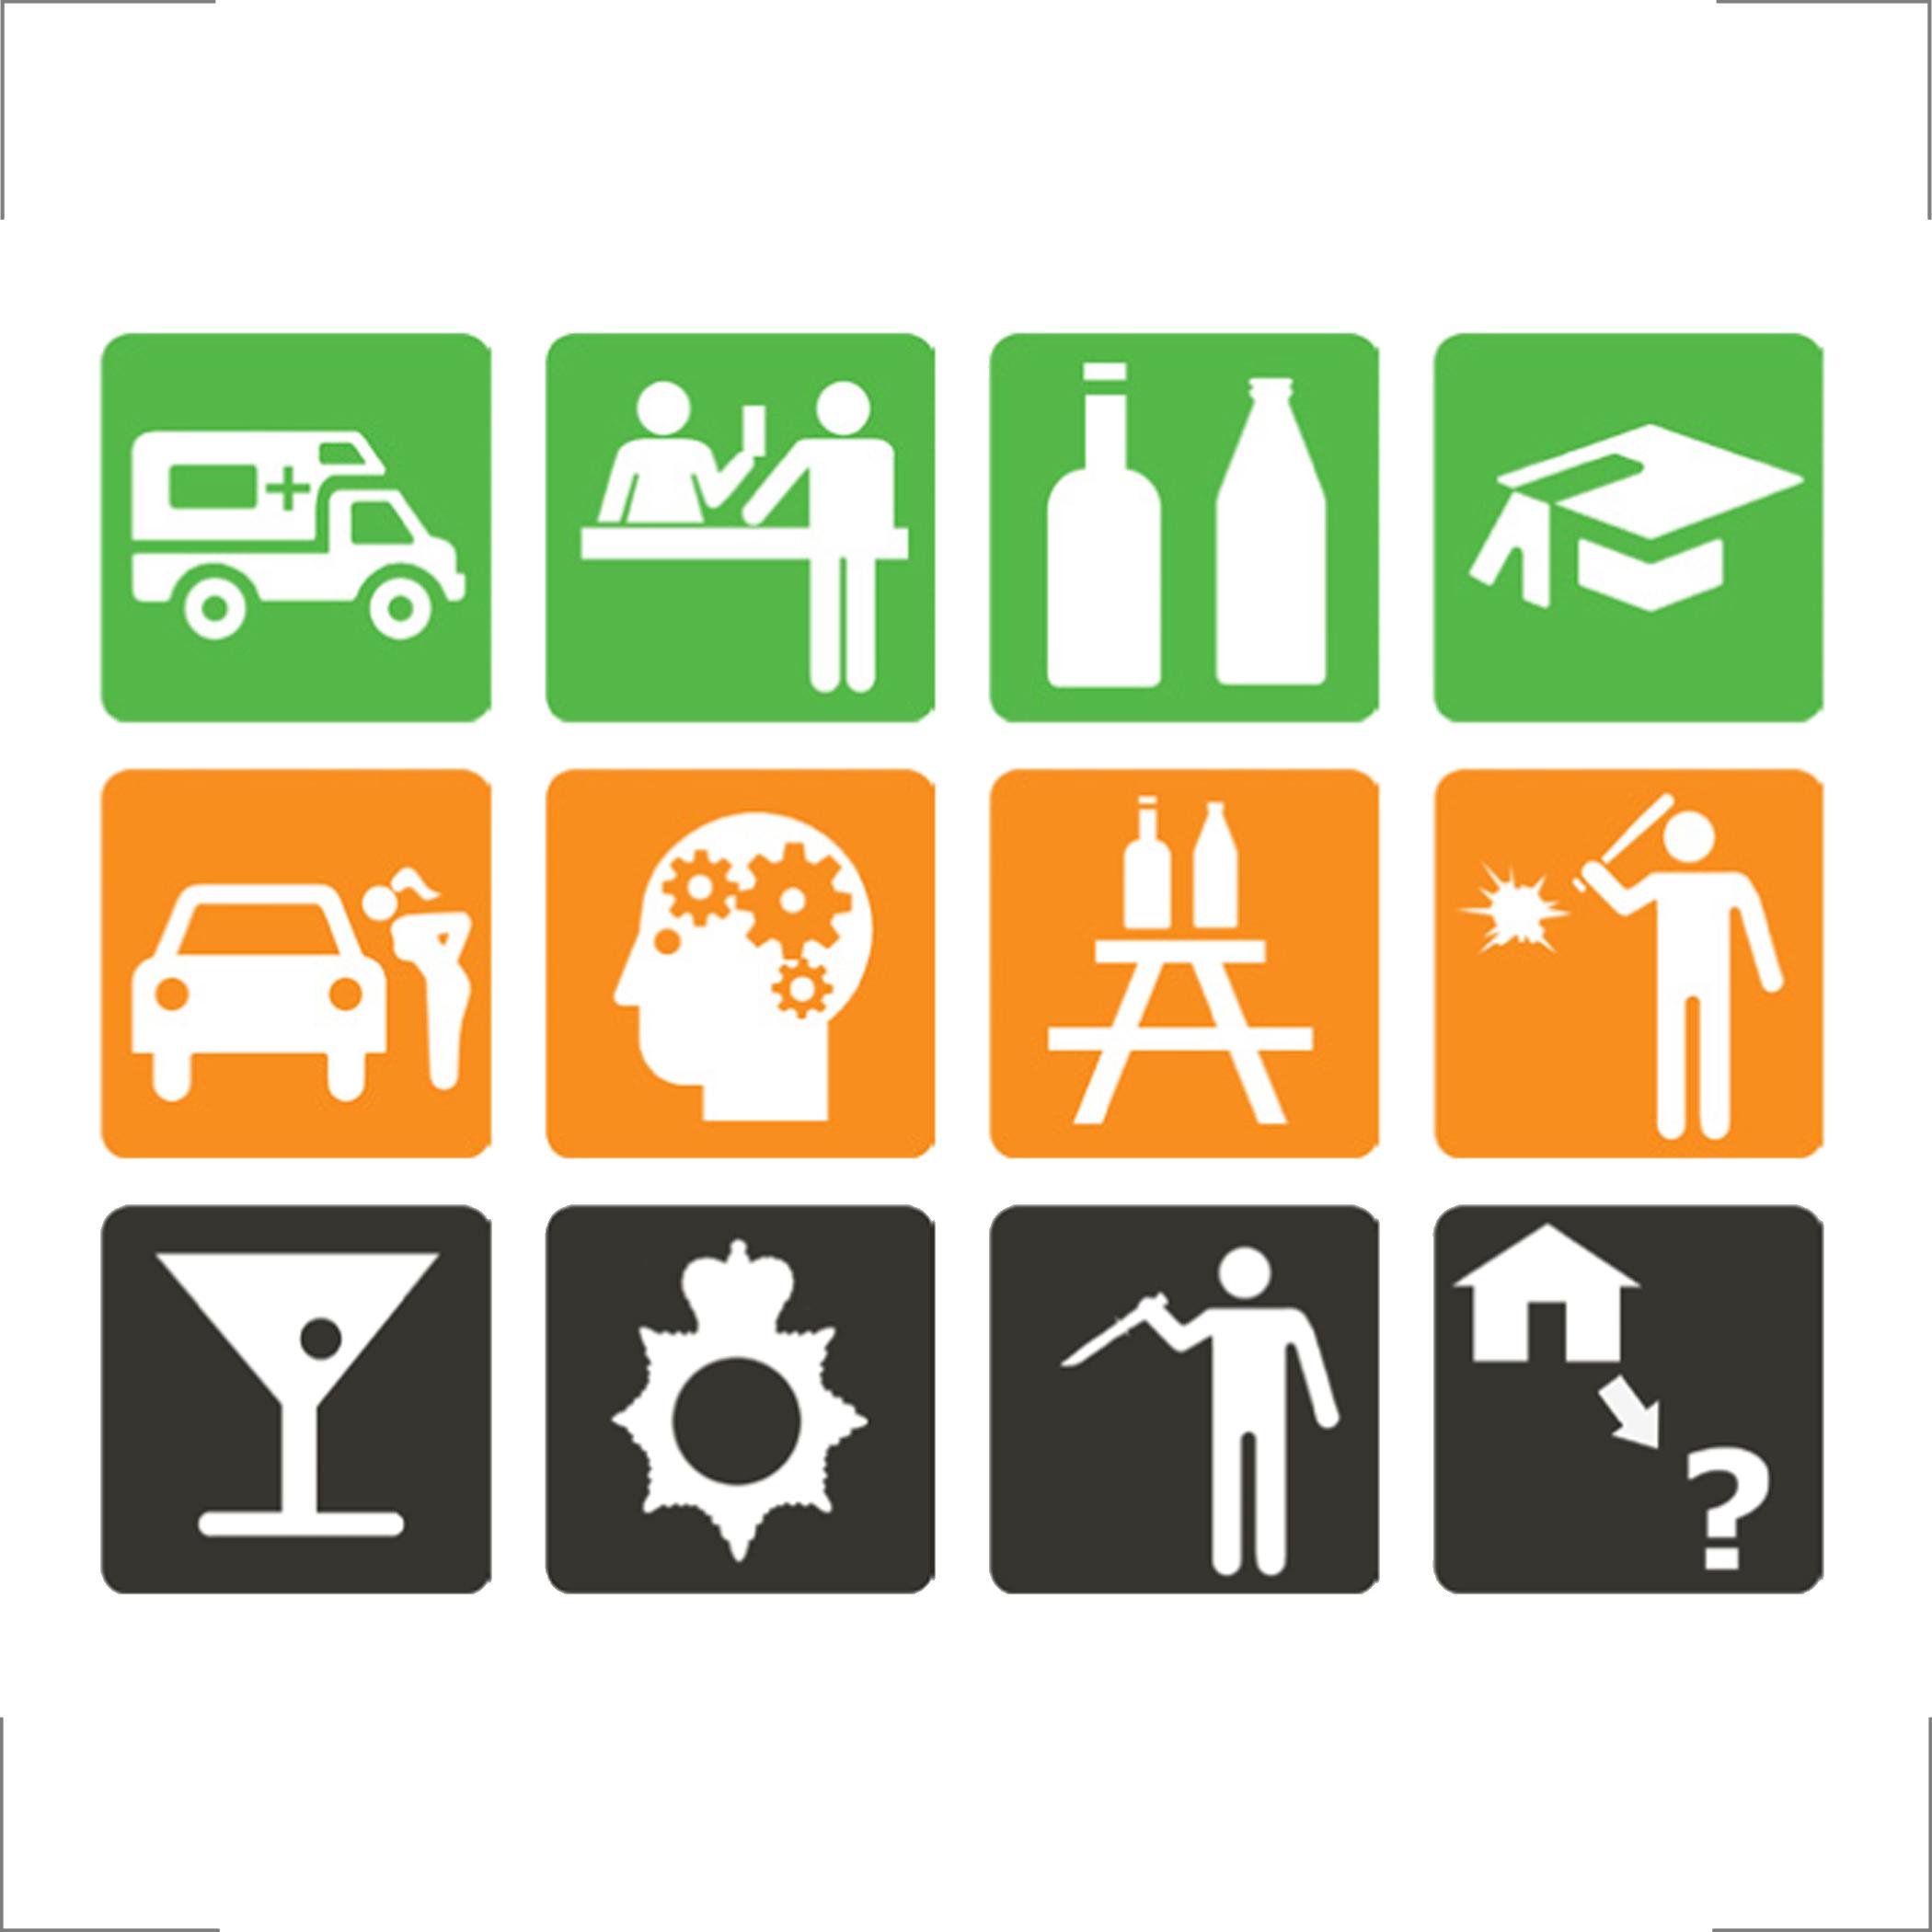 Behaviour coding icons